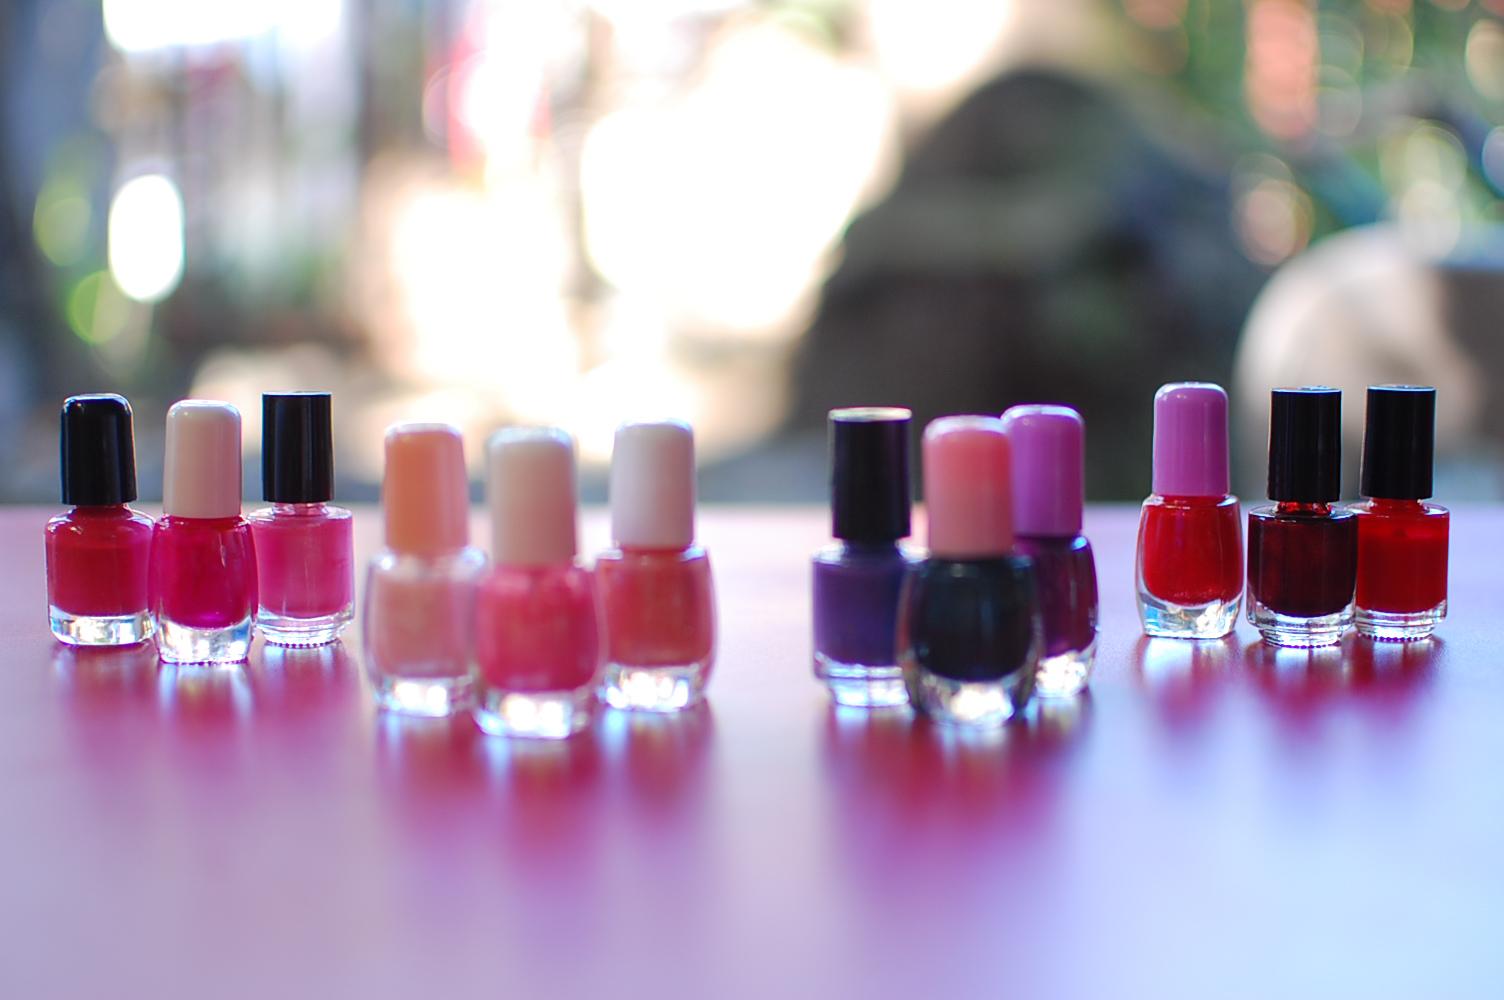 Elenco de pintauñas que sirven para destacar nuestras uñas y lucir más bonito. Siempre y cuando nuestras uñas estén cuidadas